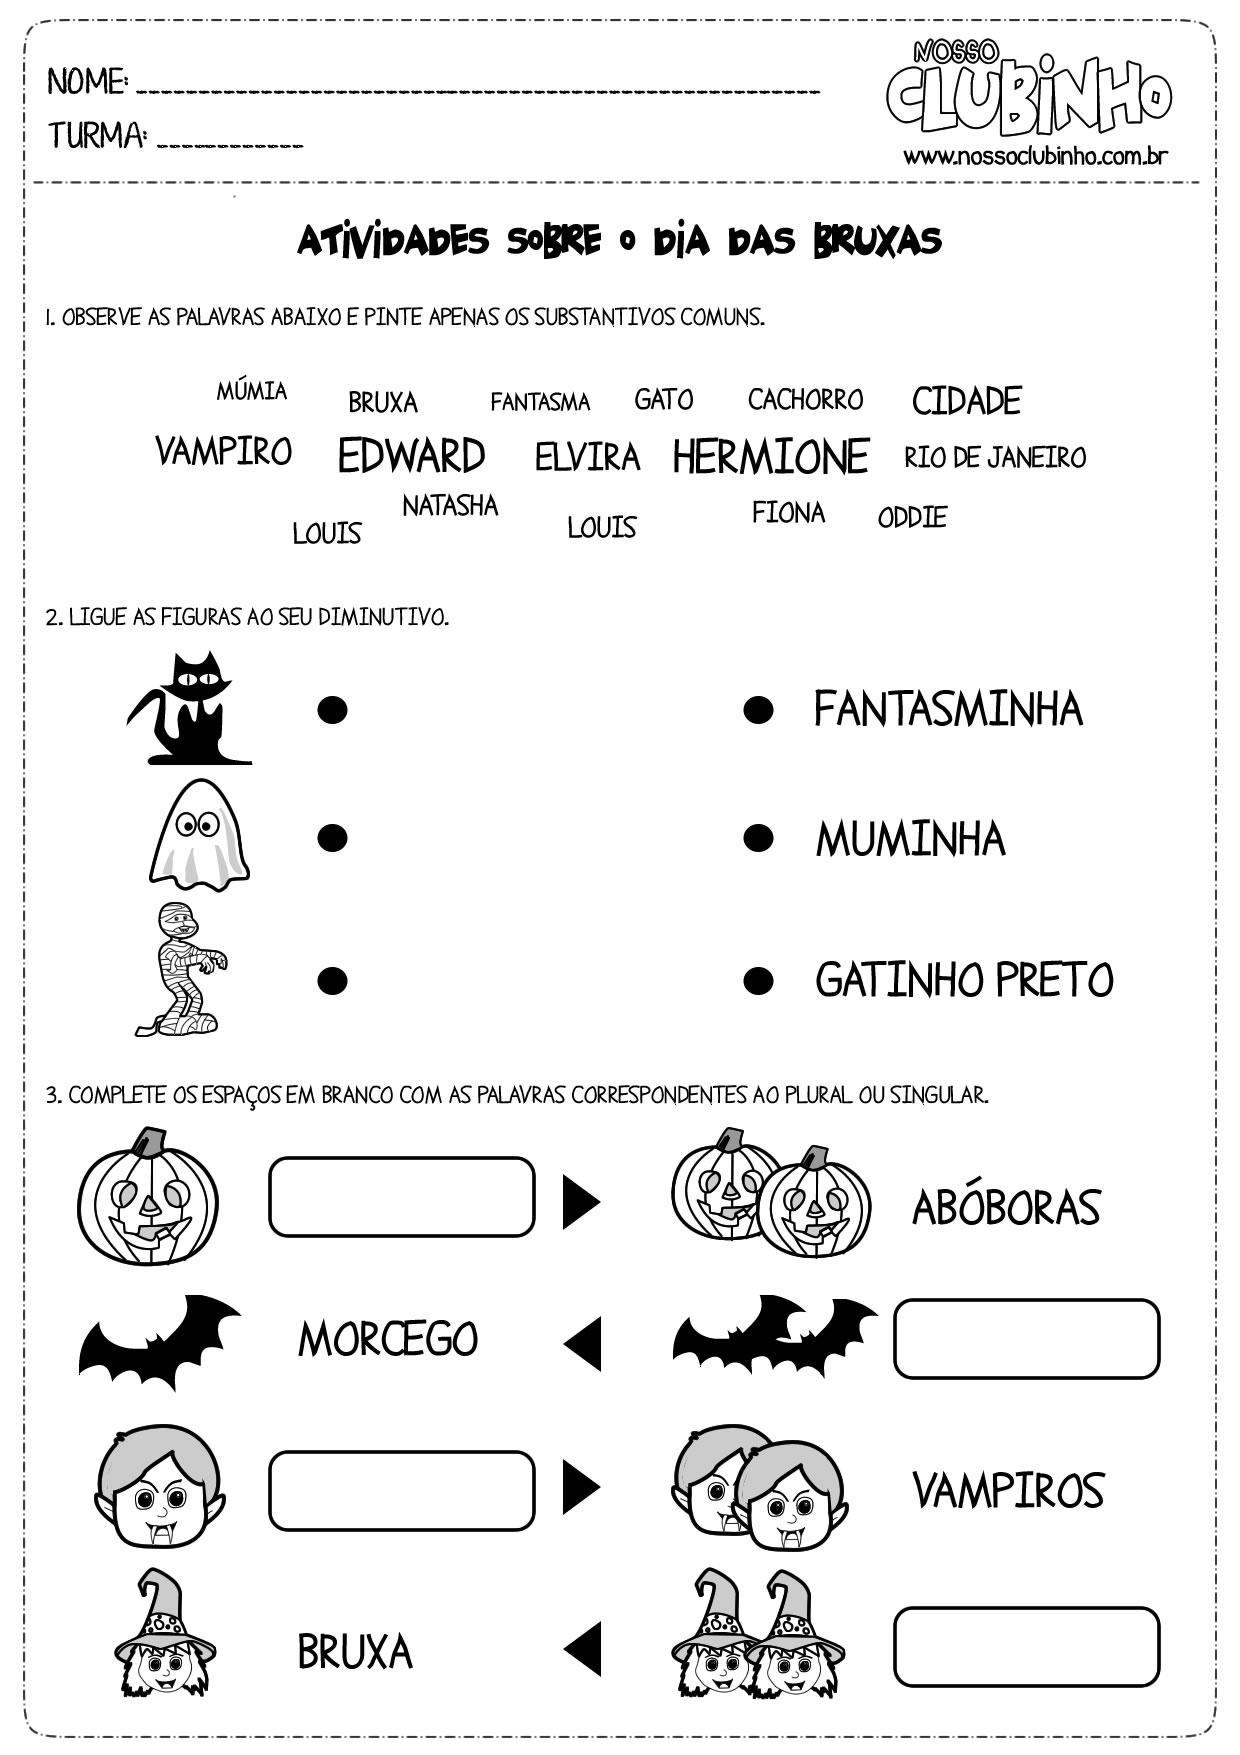 http://www.nossoclubinho.com.br/wp-content/uploads/2012/10/atividades_alfabetizacao_halloween_dia_das_bruxas_3_ano.jpg